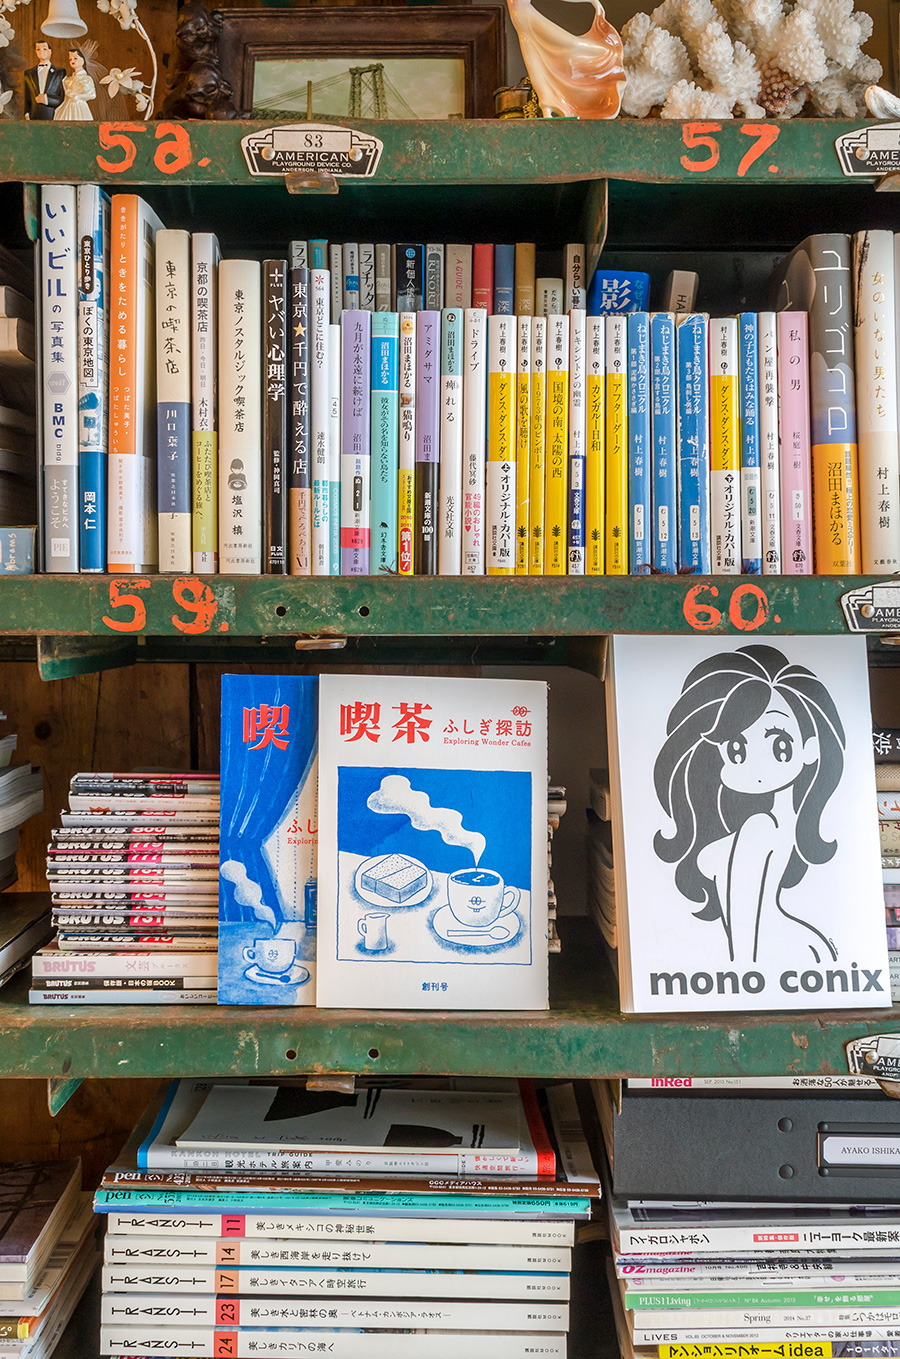 偏愛する純喫茶の本やお気に入りの小説が並ぶ棚。